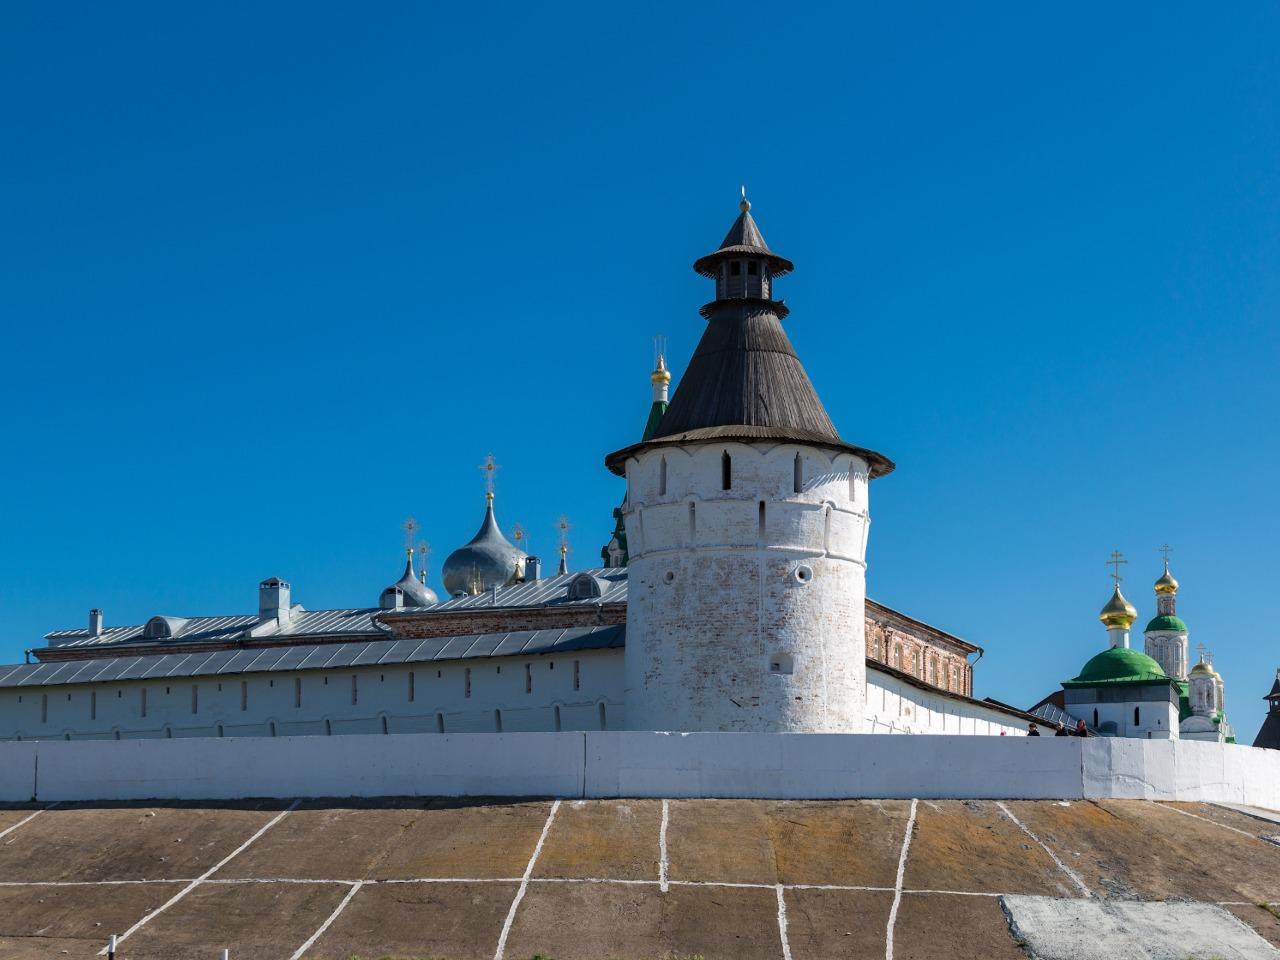 Эко-экскурсия: Макарьевский монастырь - индивидуальная экскурсия по Нижнему Новгороду от опытного гида